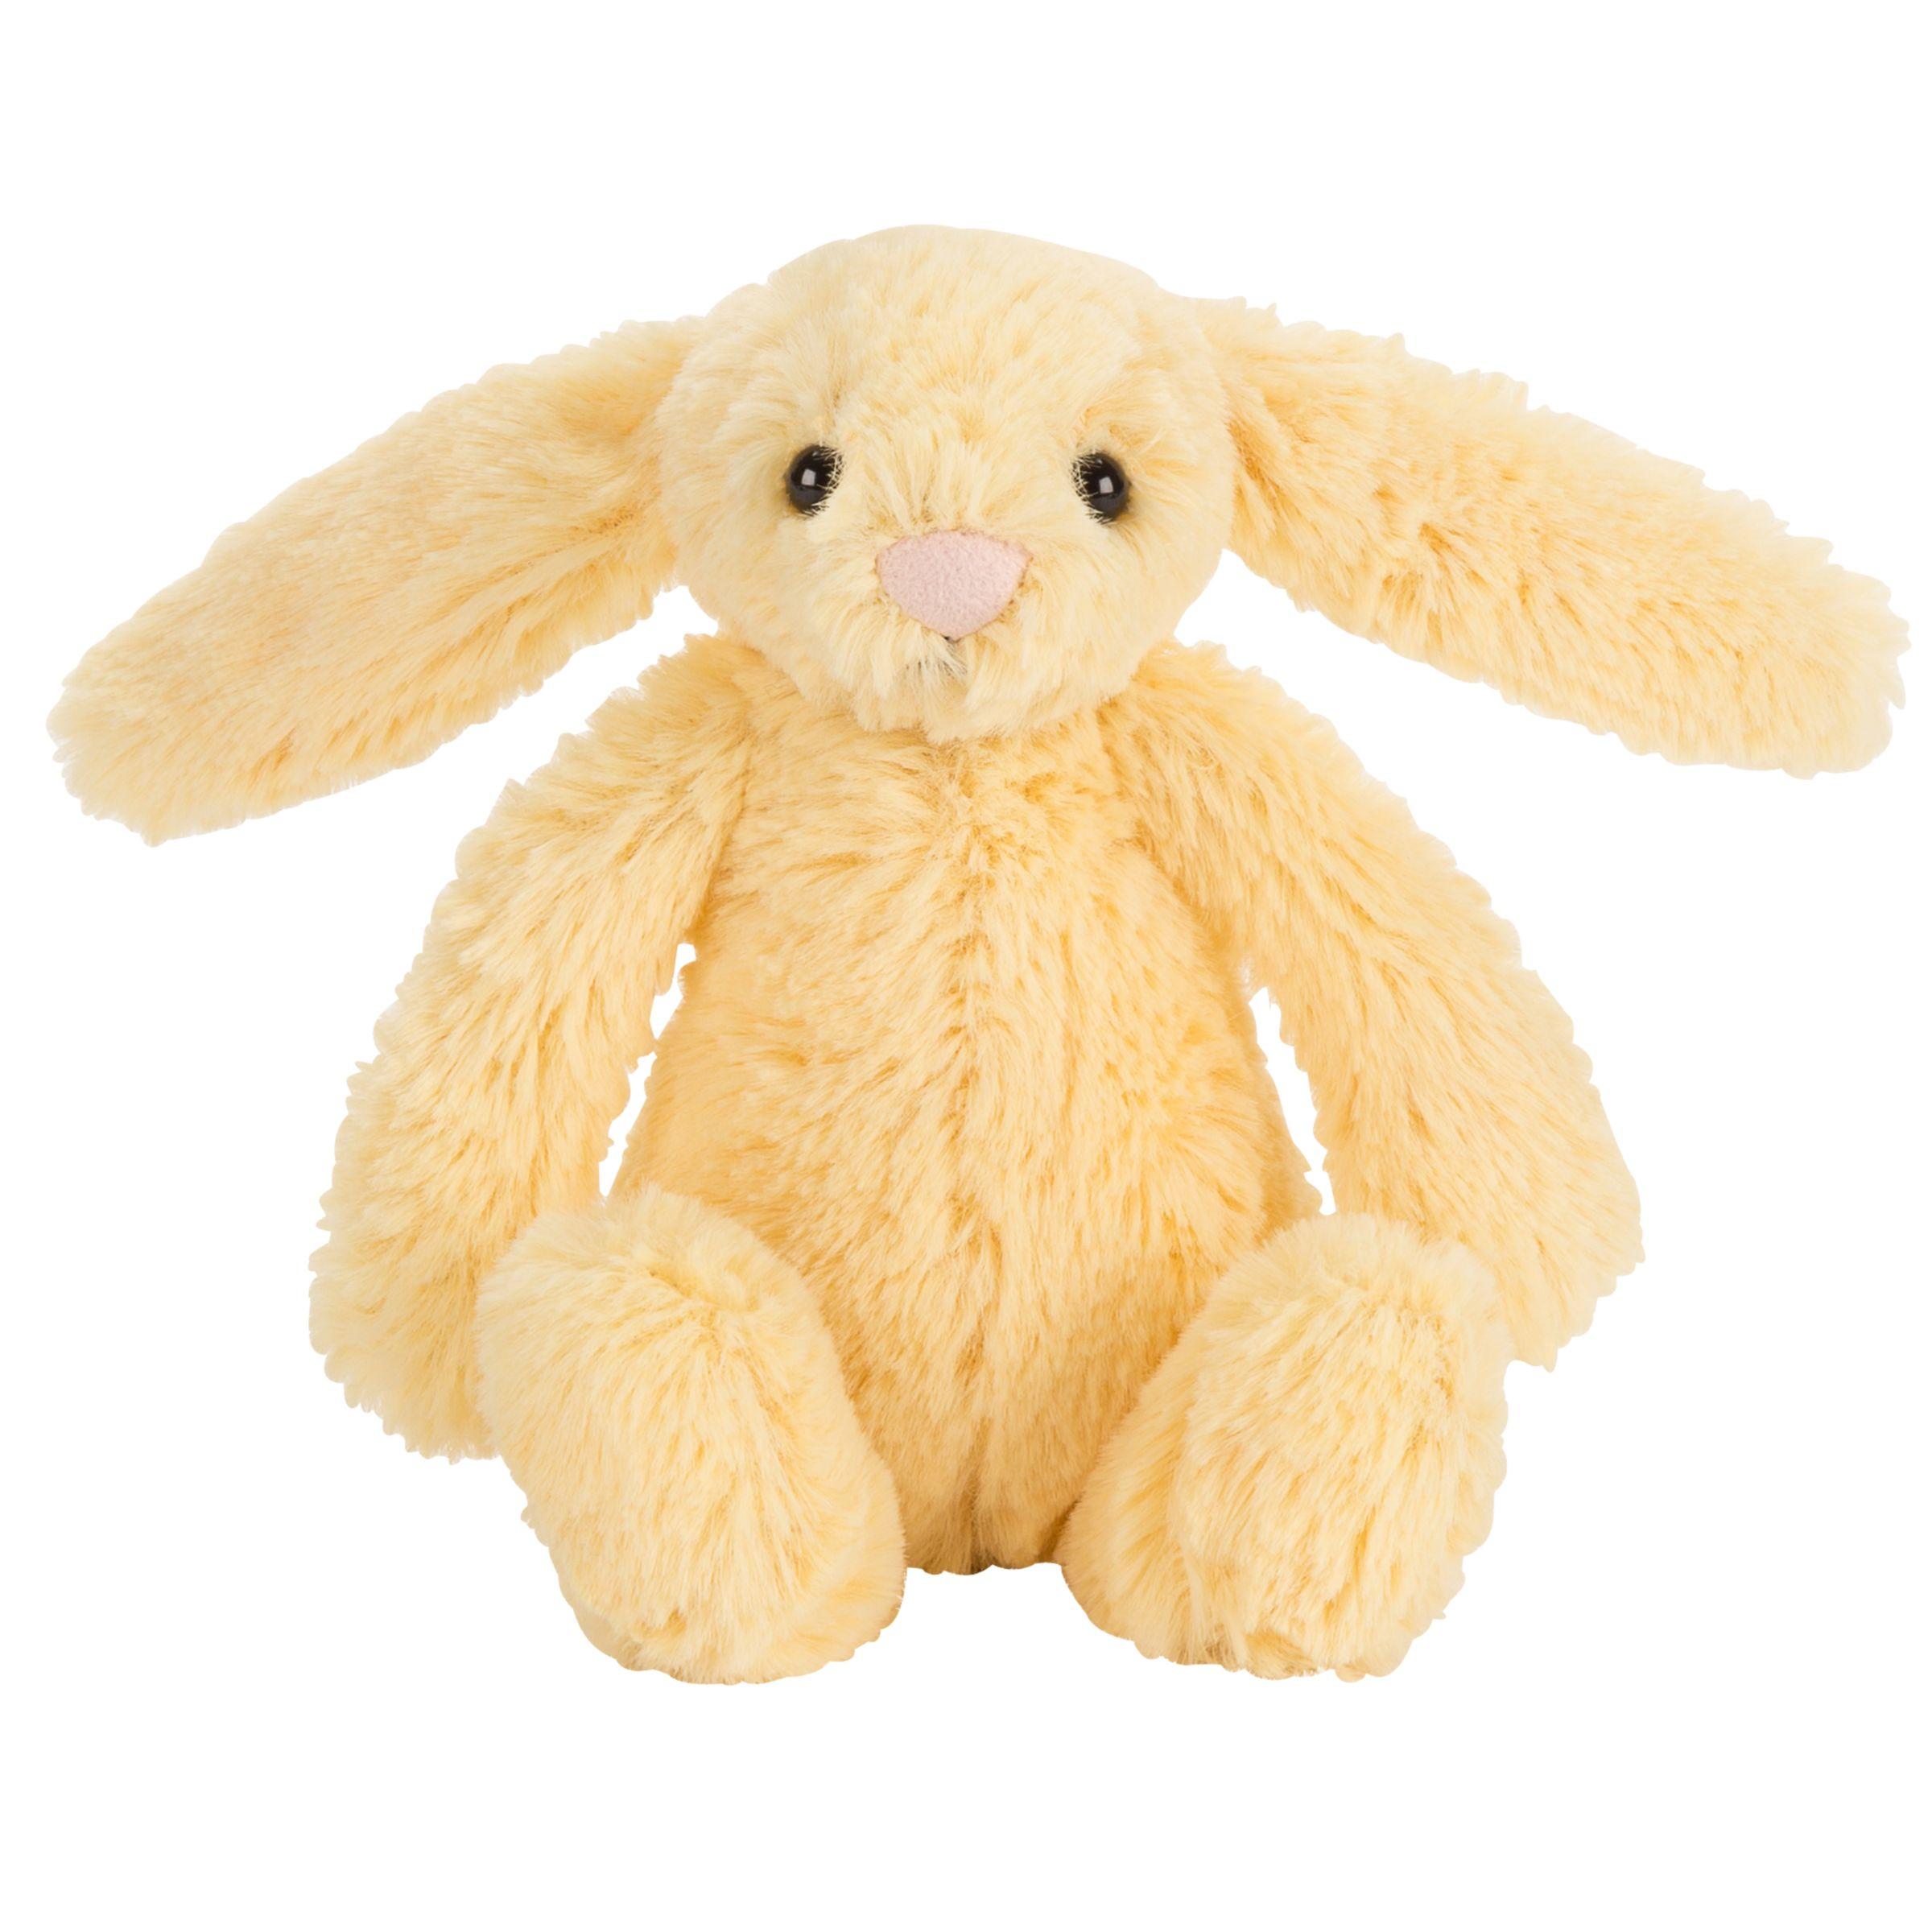 Jellycat Jellycat Bashful Baby Bunny Soft Toy, Lemon